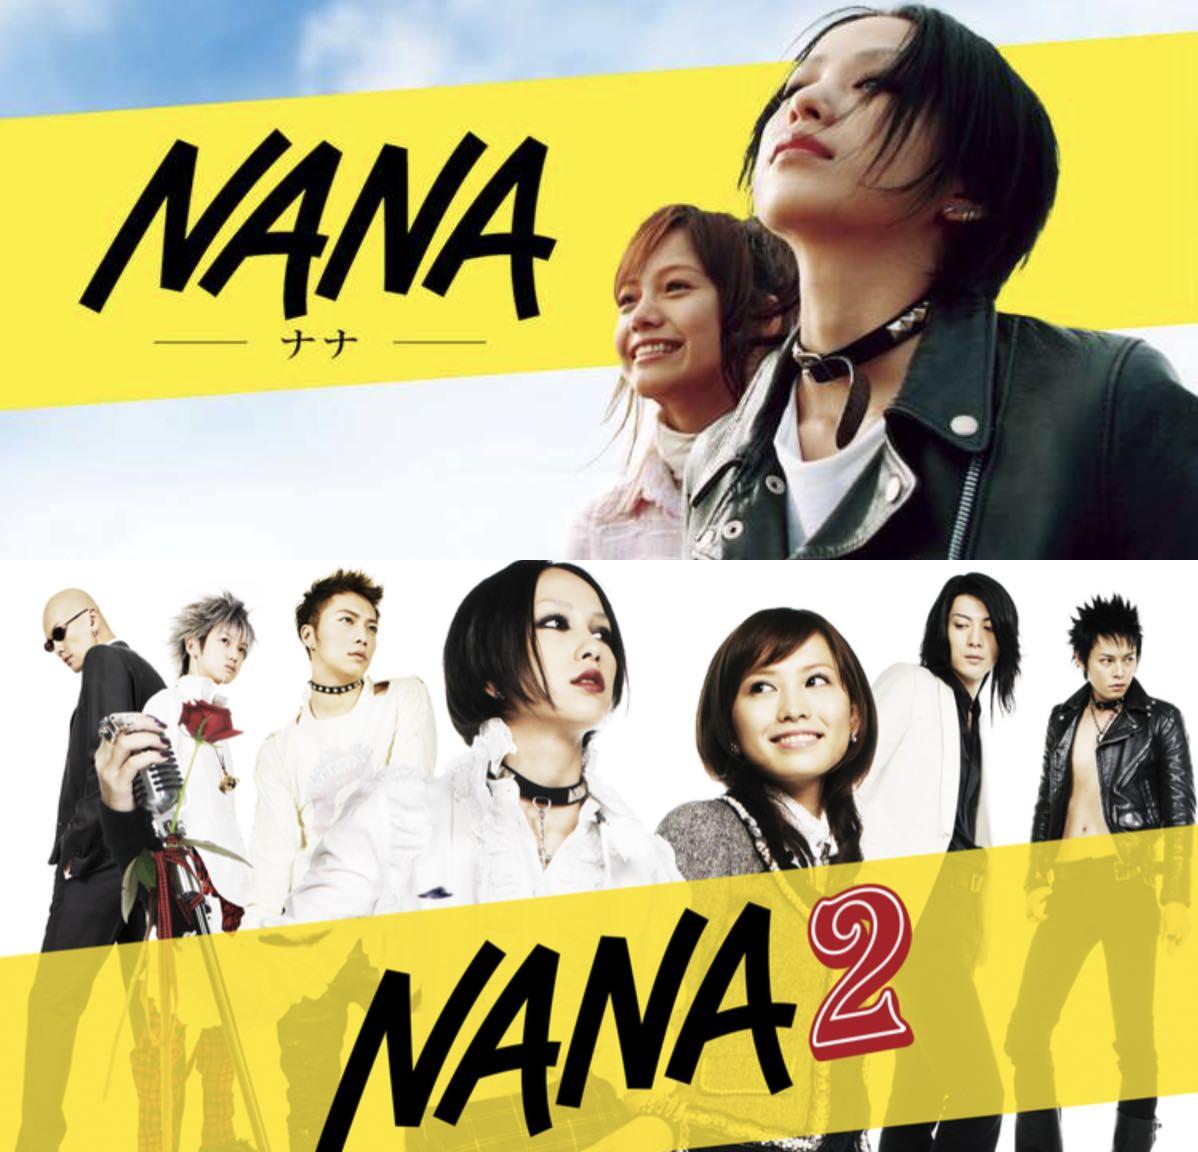 映画「NANA1&2」両方の動画を完全無料で見る方法!あらすじや豪華キャストも